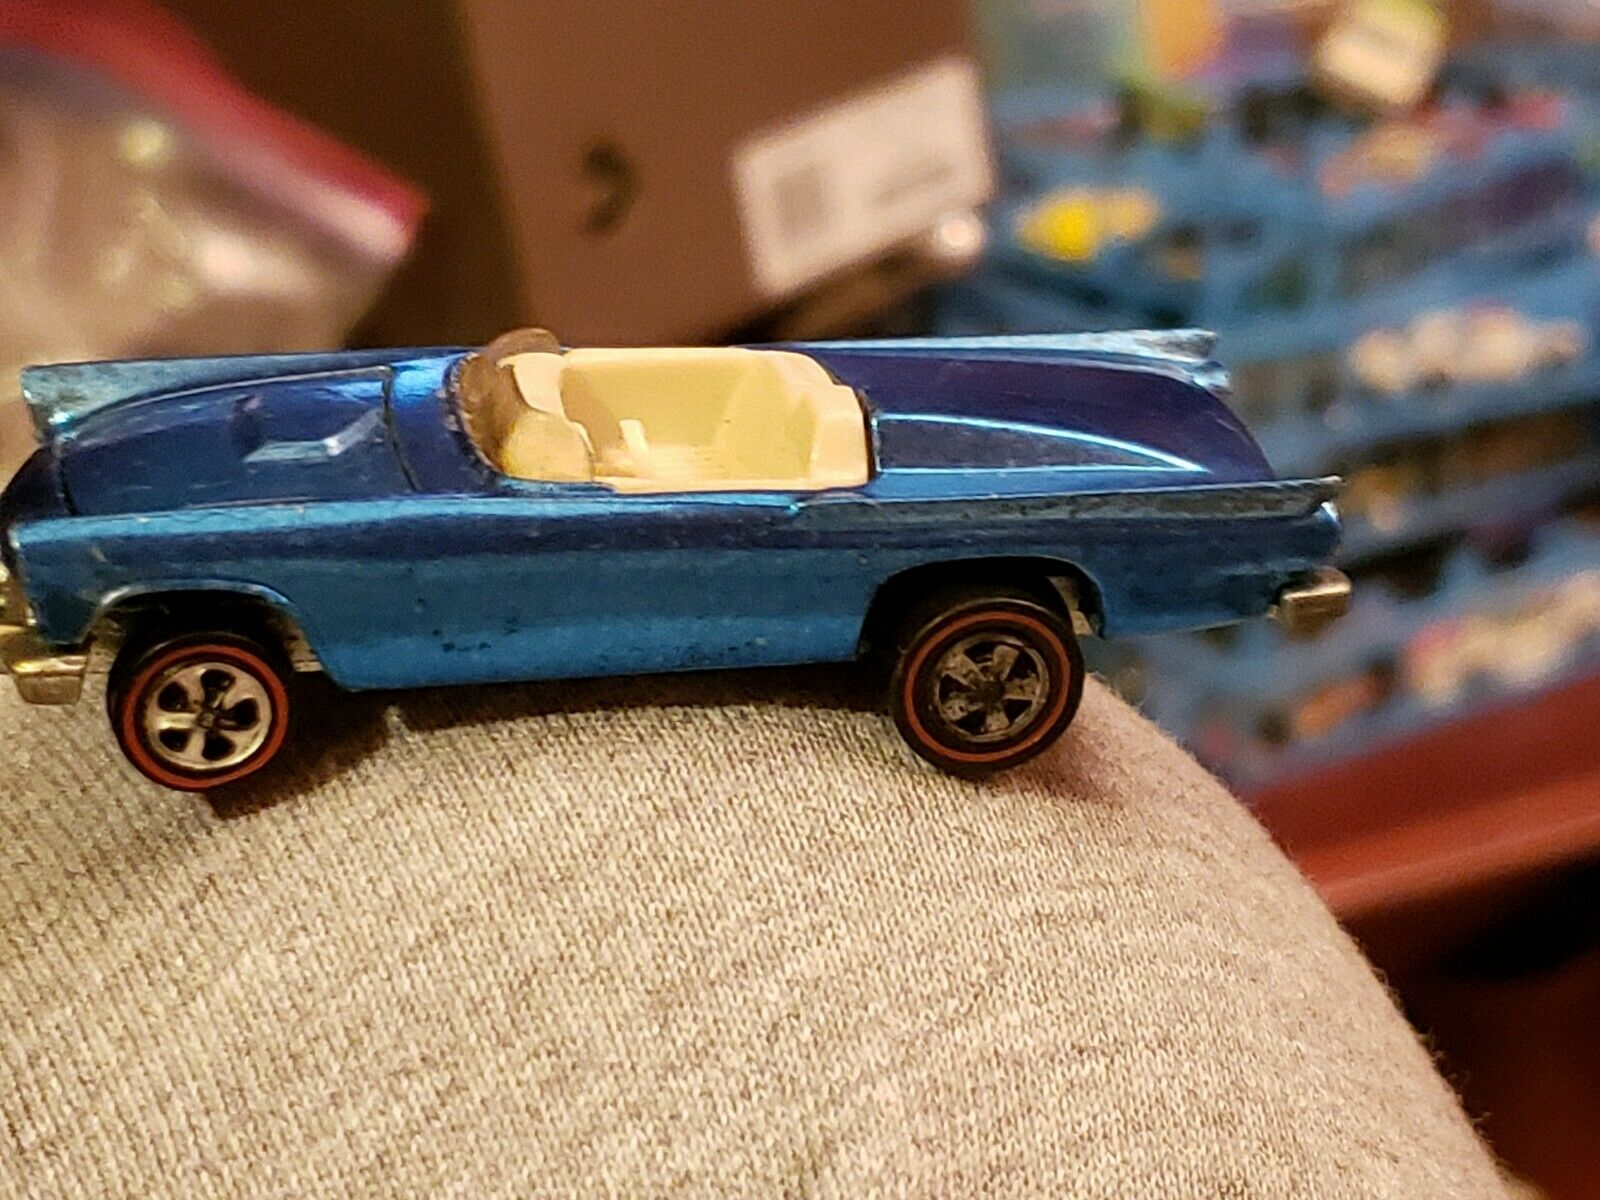 autorización 1968 1968 1968 Mattel Hot Wheels rojoline Clásico 57 Pájaro Azul W Base blancoo Interior EE. UU.  barato y de moda